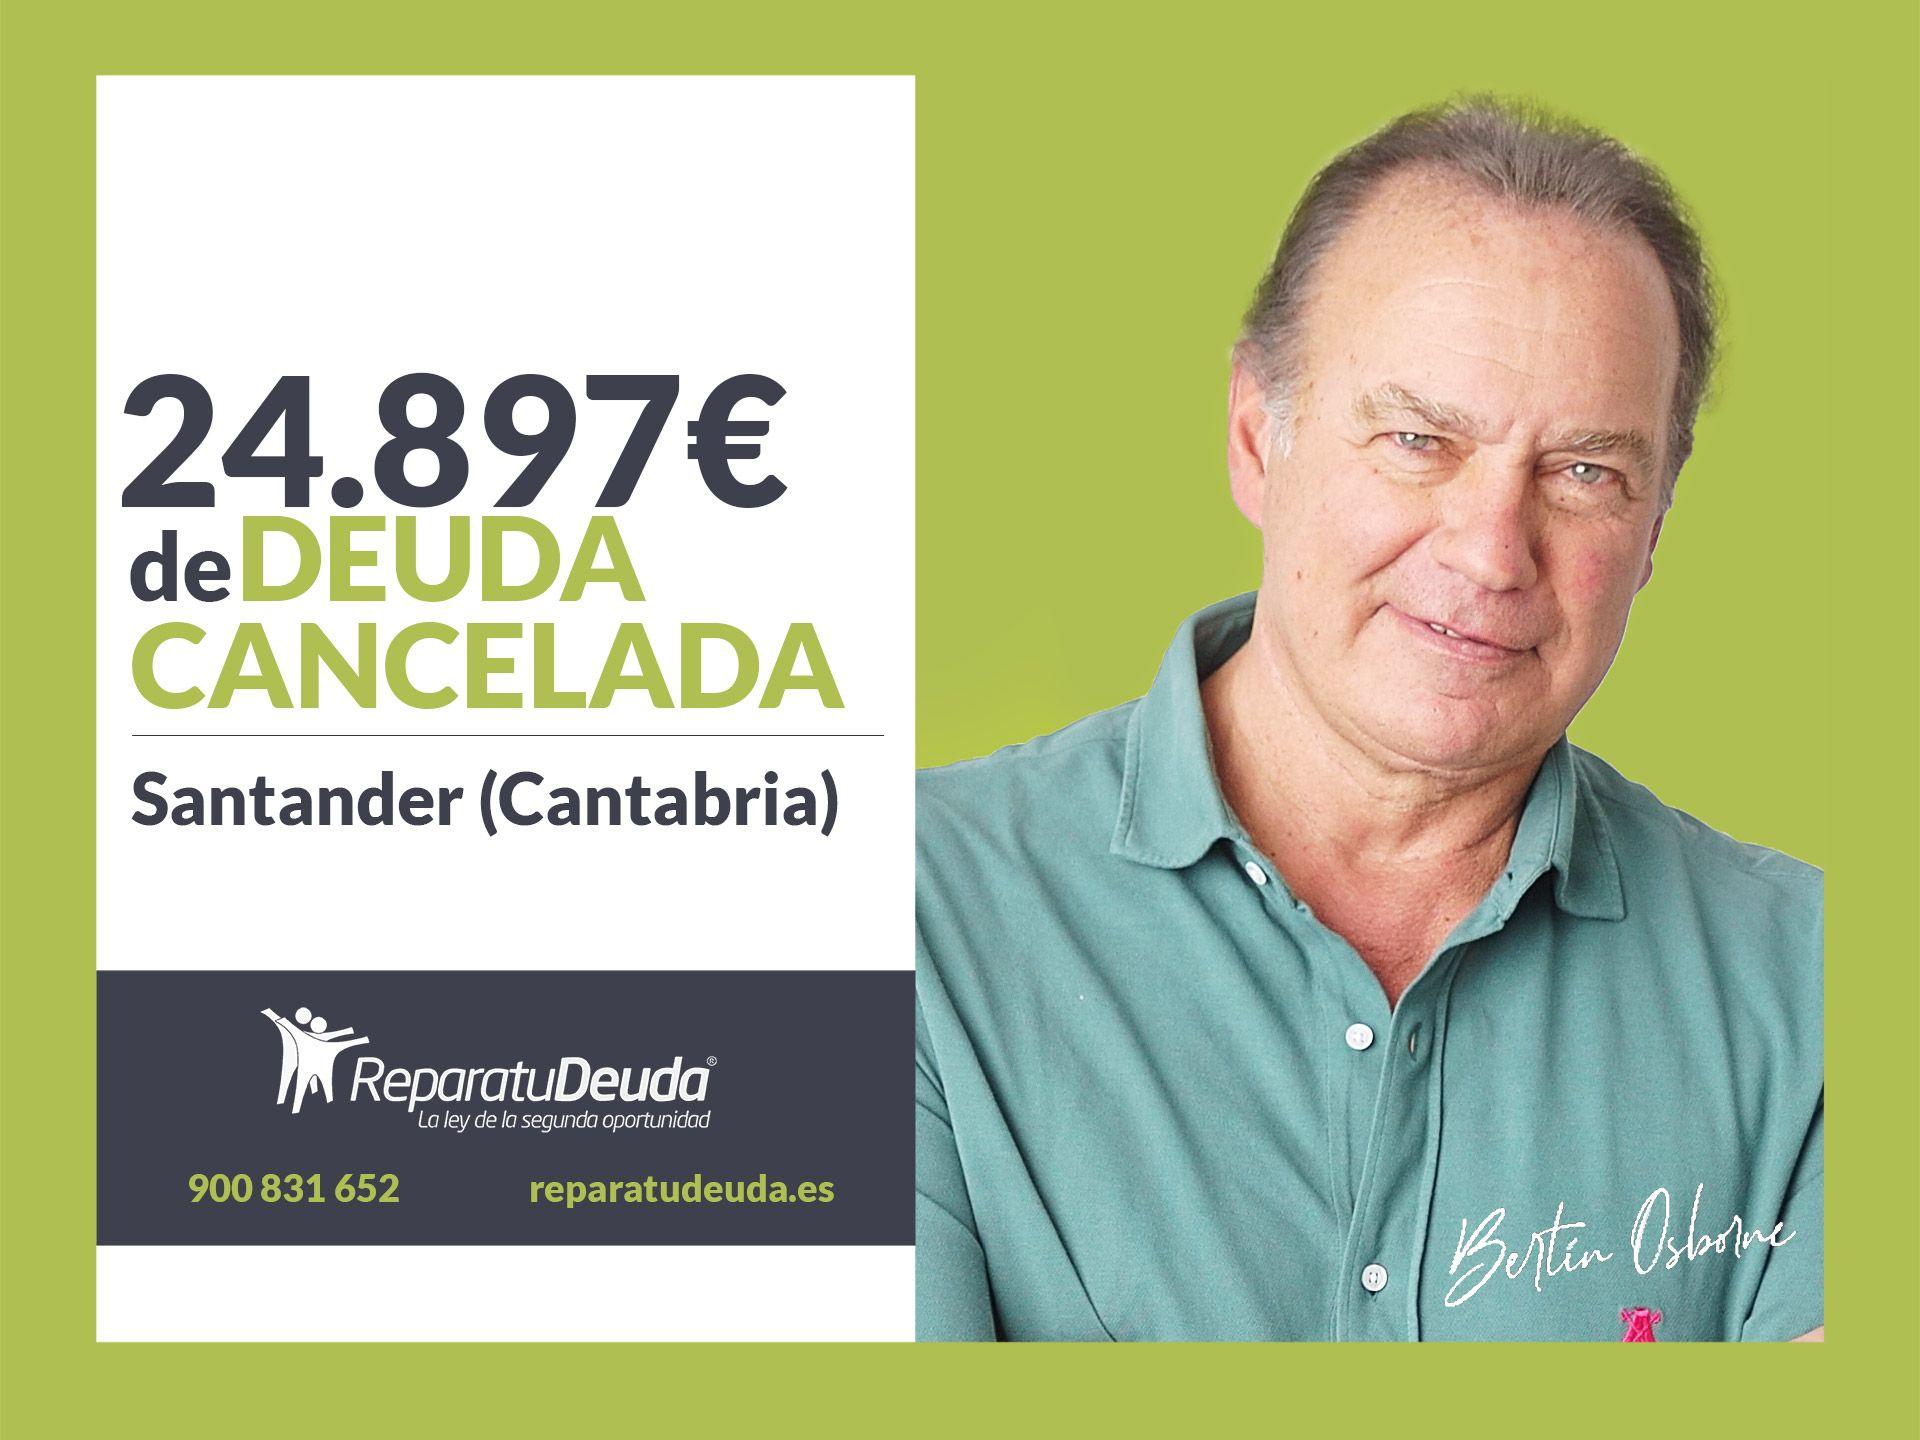 Repara tu Deuda Abogados cancela 24.897? en Santander (Cantabria) con la Ley de Segunda Oportunidad